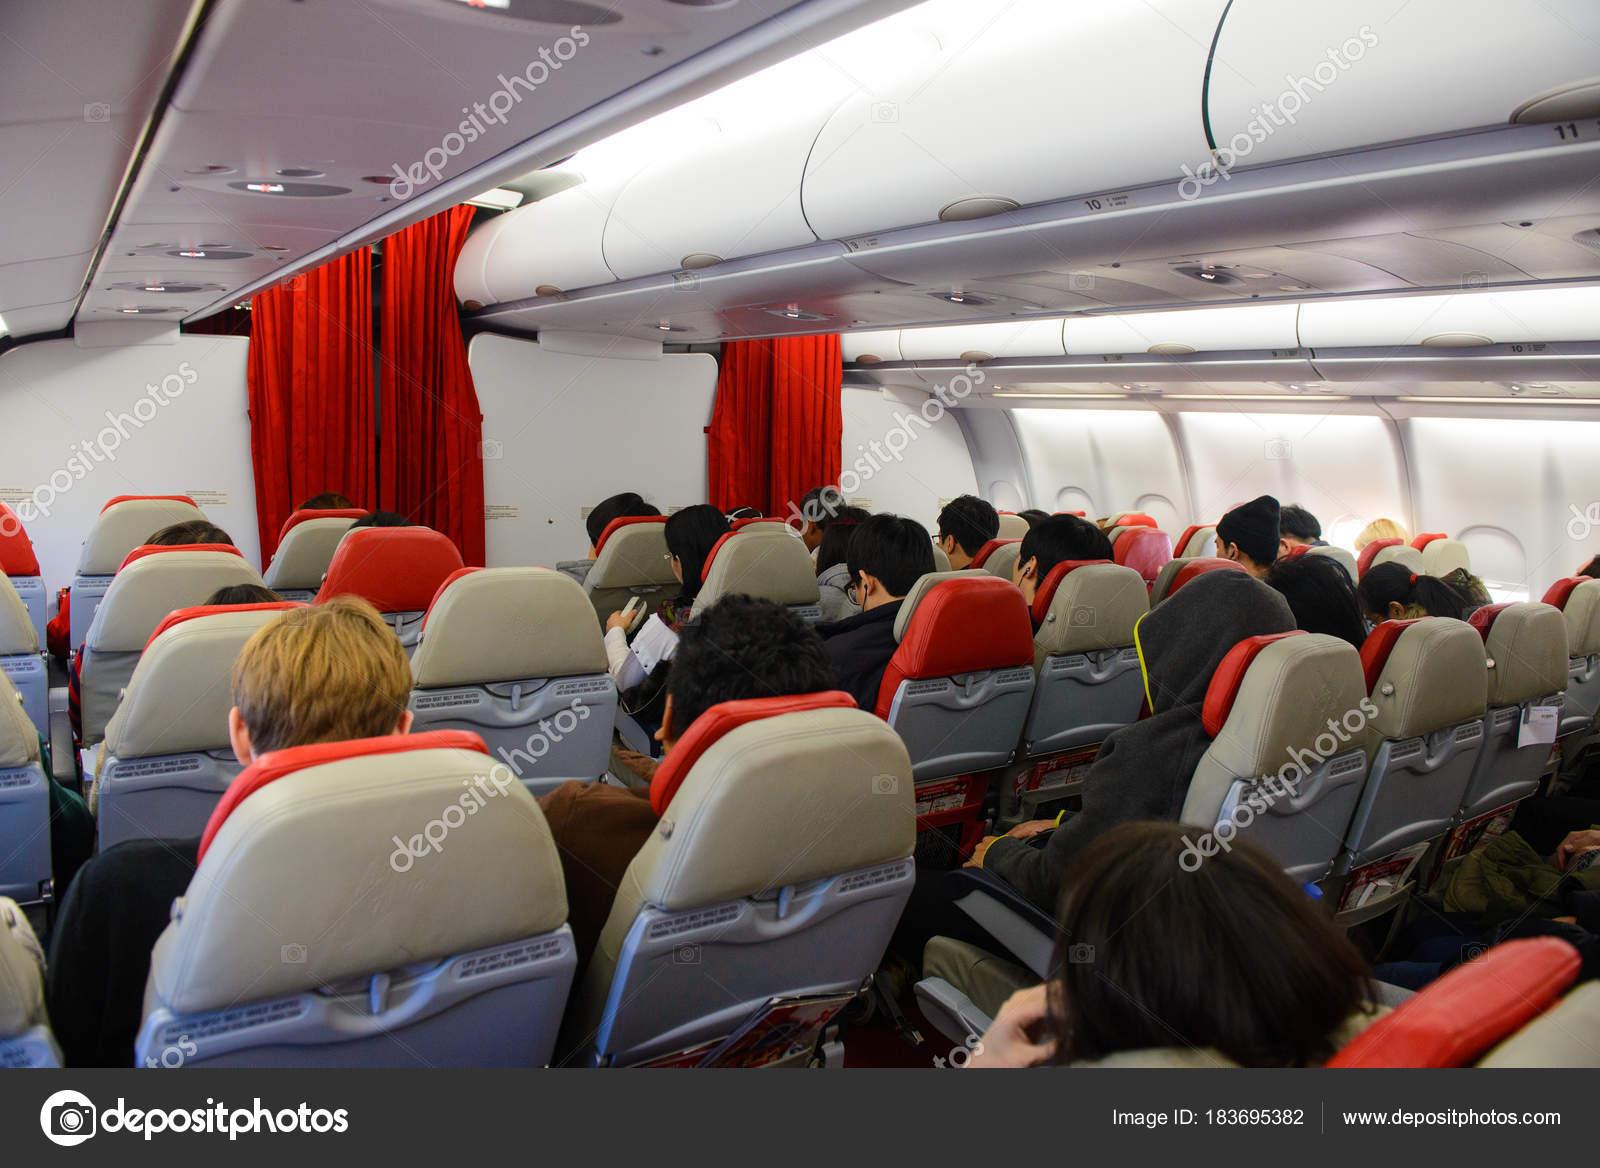 soul core du sud 17 dcembre 2015 voyageurs non identifis l intrieur de thai airasia x airbus a330 300 thai airasia berhad de x est un airasia